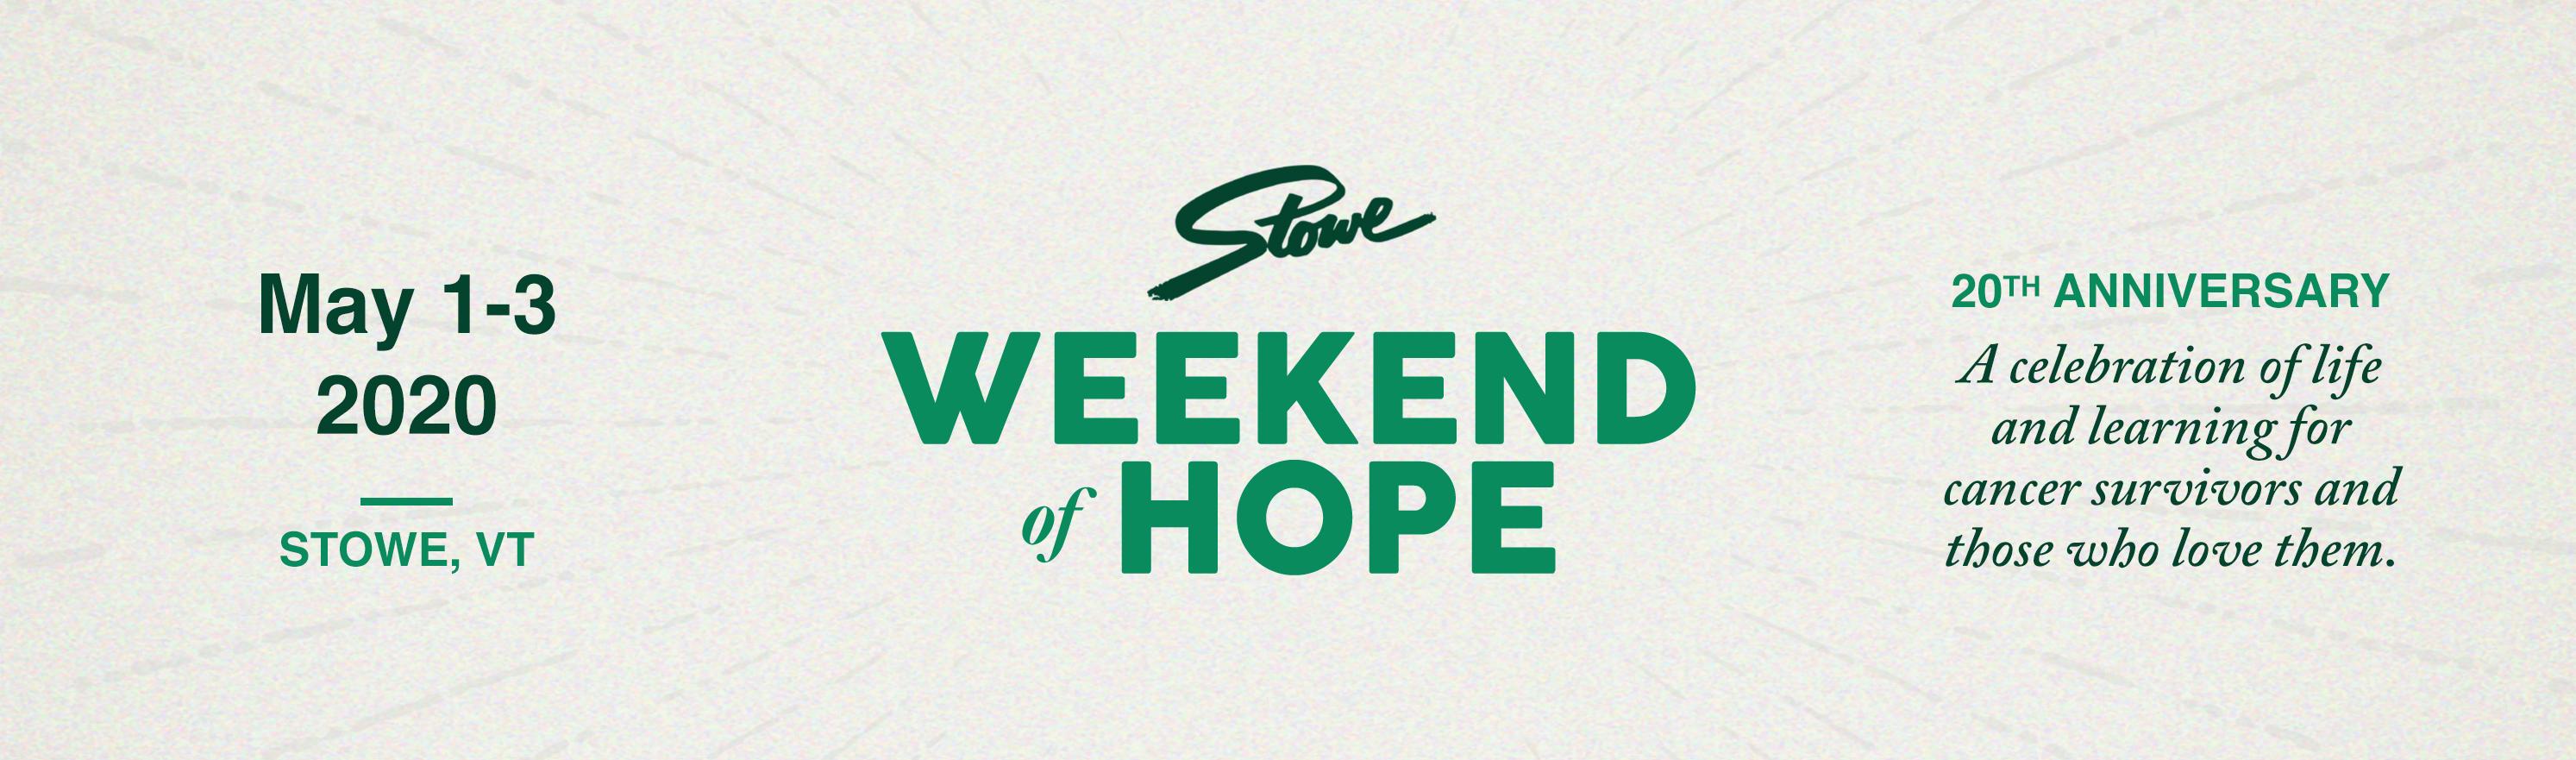 Stowe Weekend of Hope 2020 ~ Sponsors & Health Fair Exhibitors